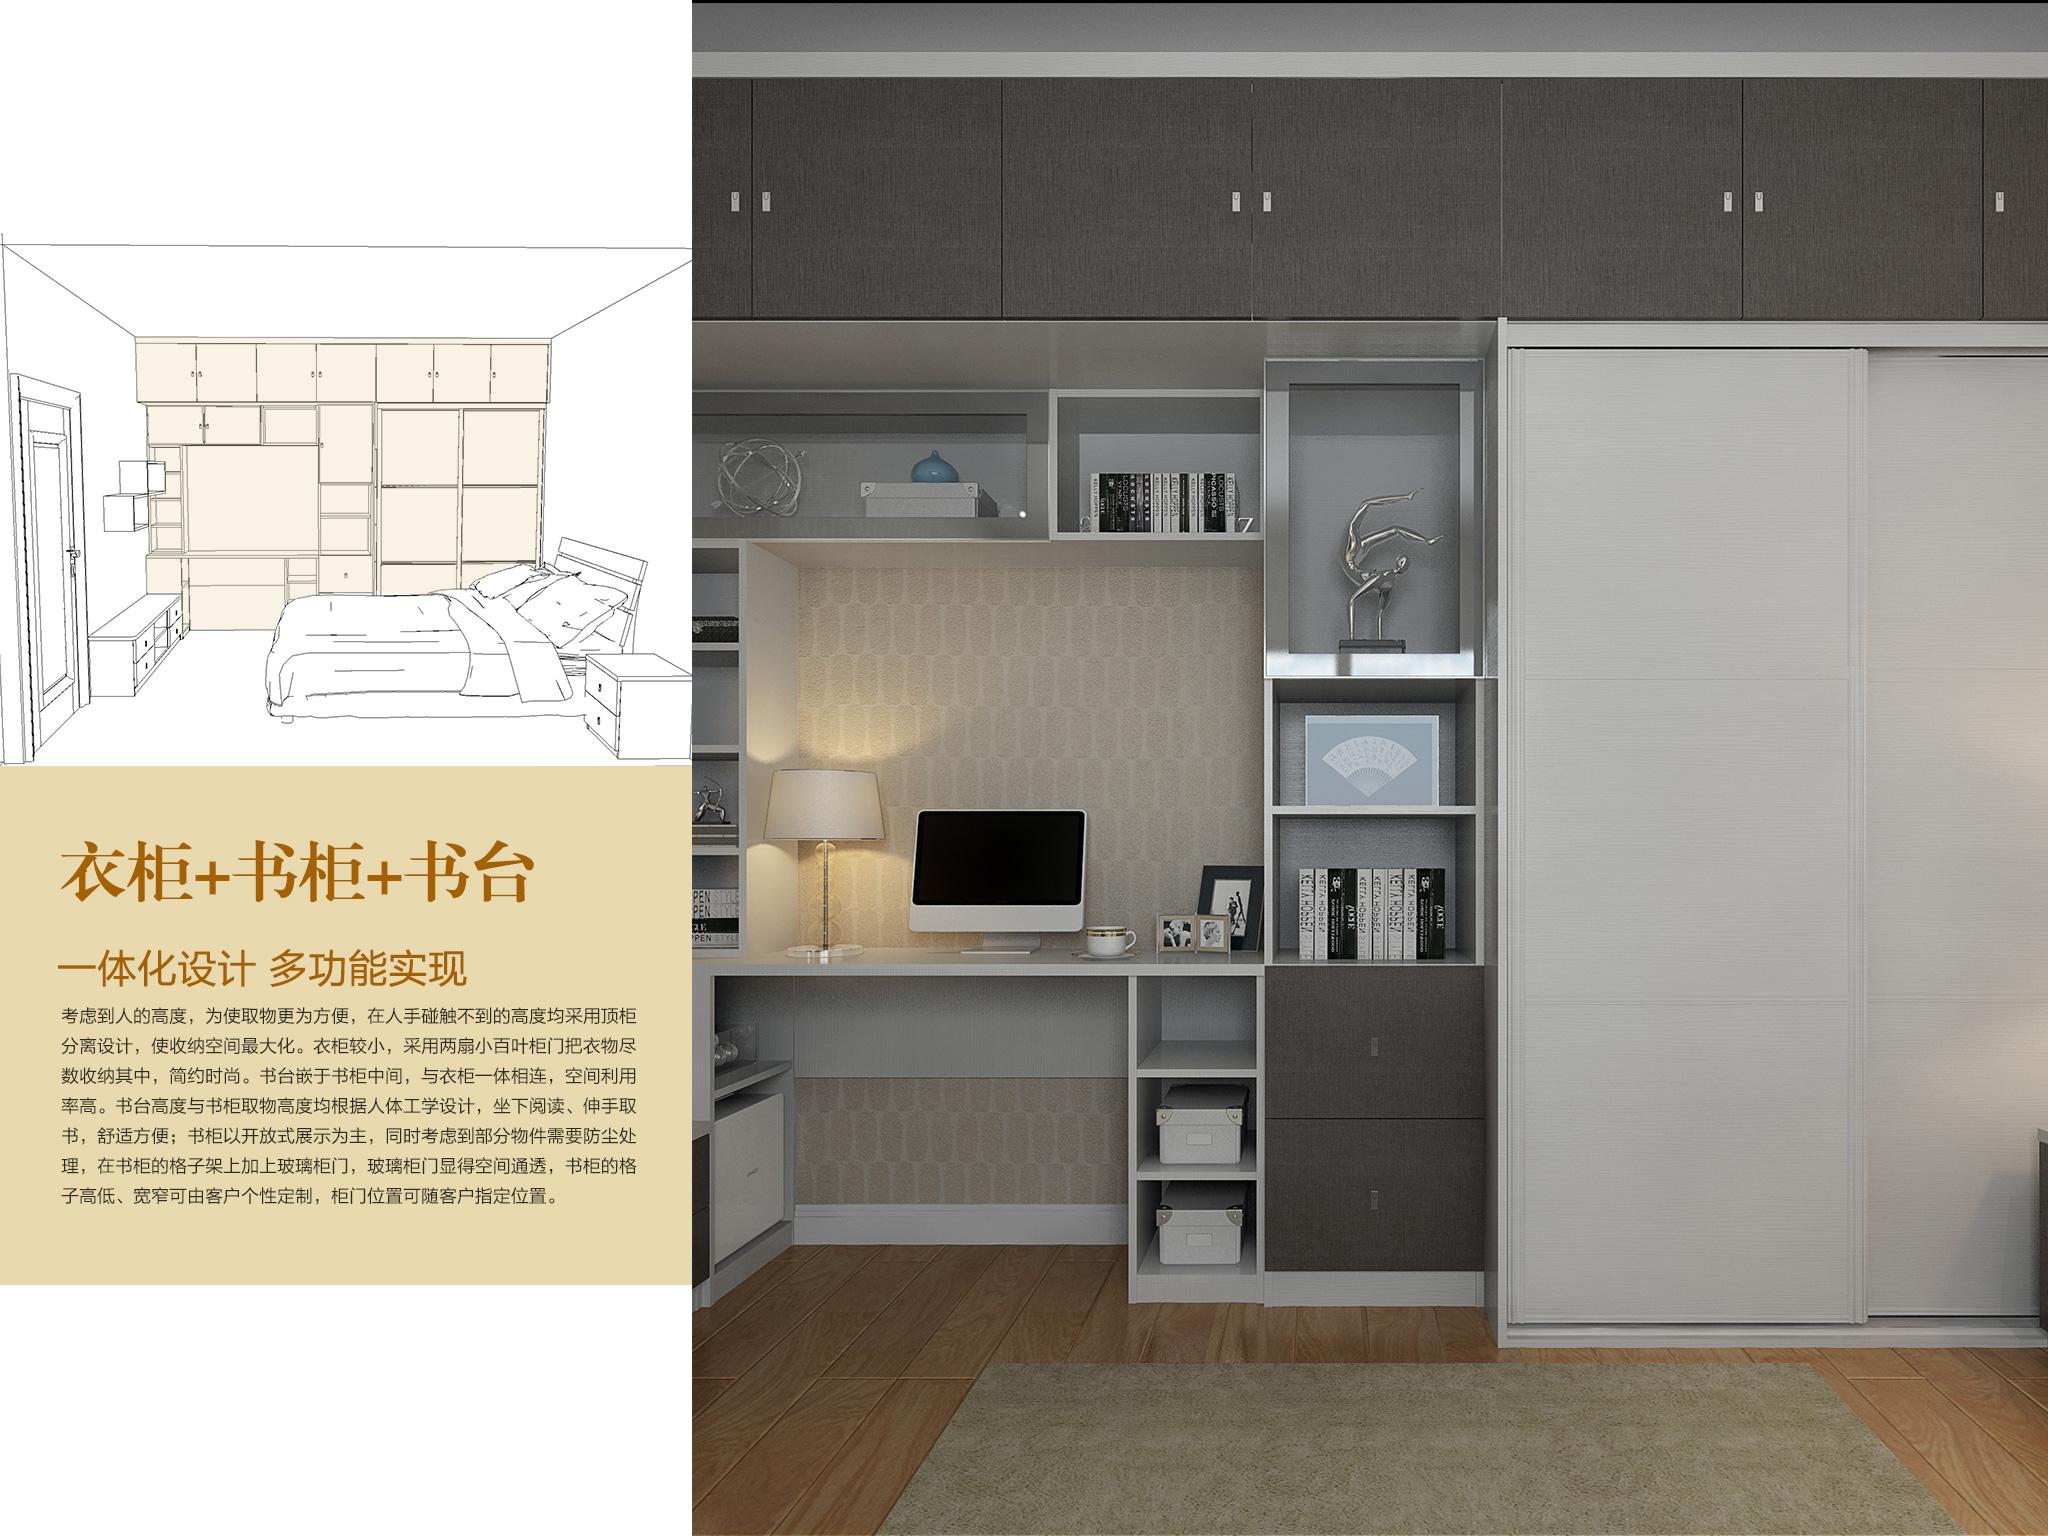 【索菲亚】电视柜书柜衣柜一体相接图片